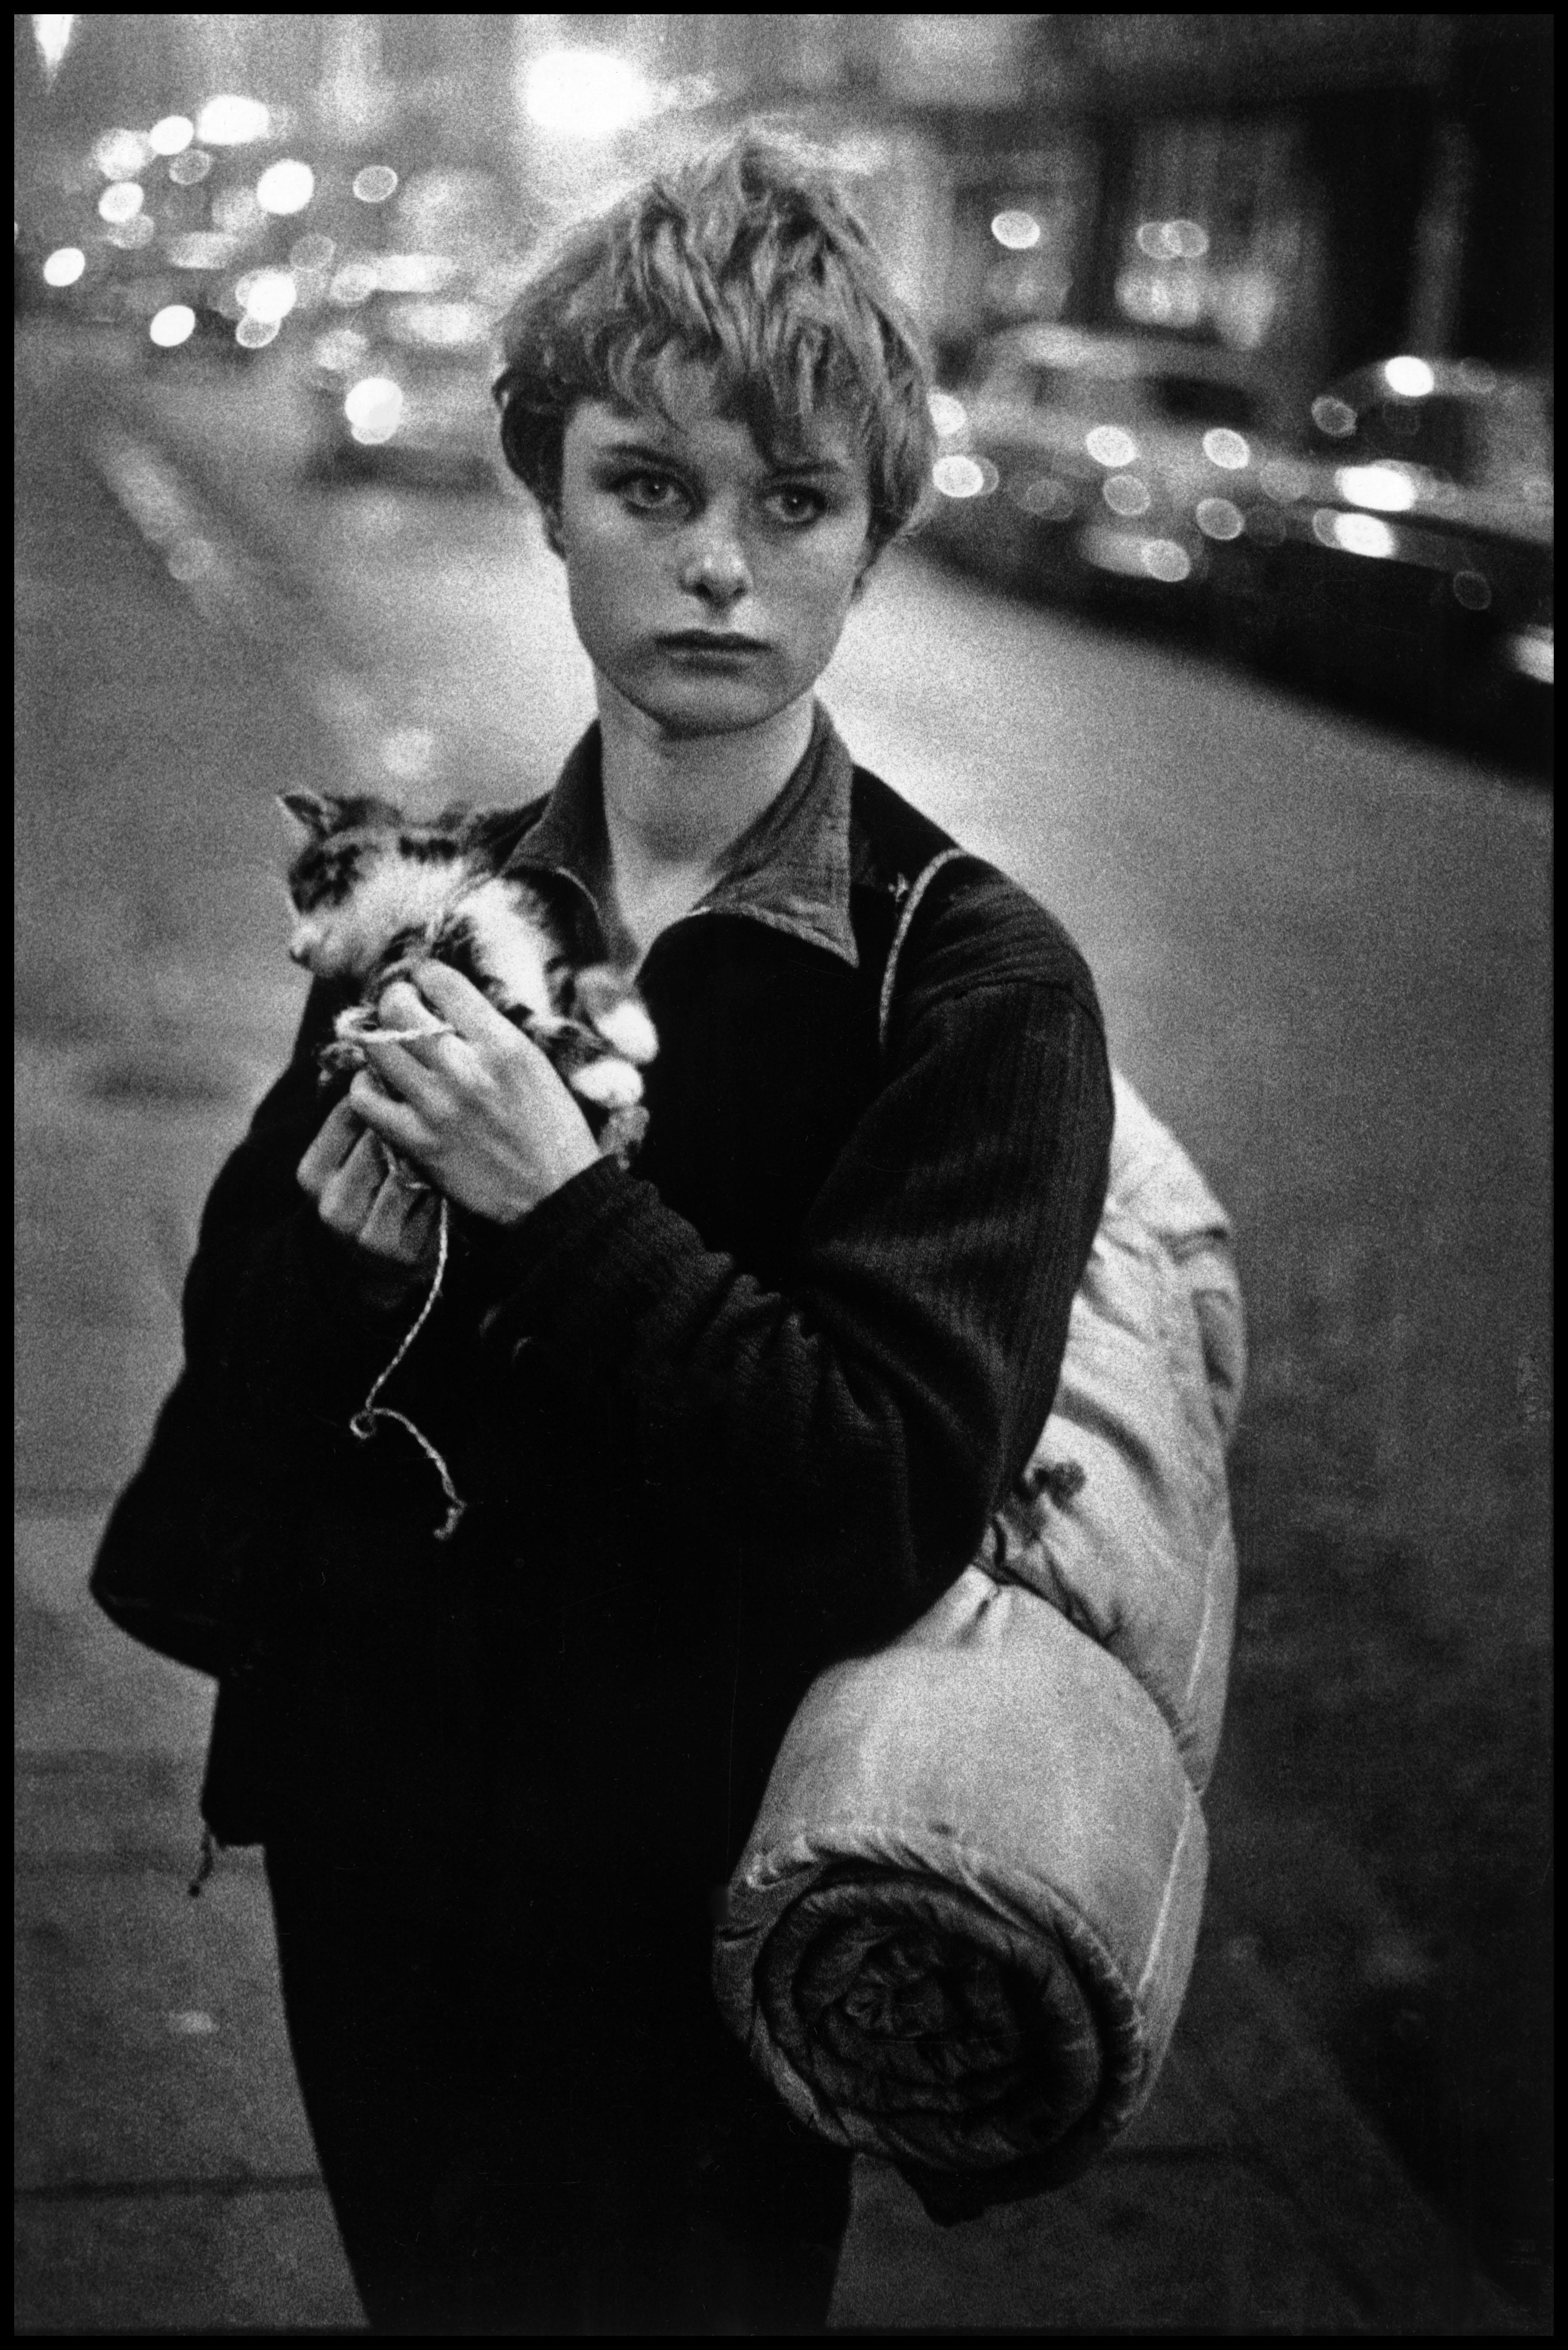 London, 1960